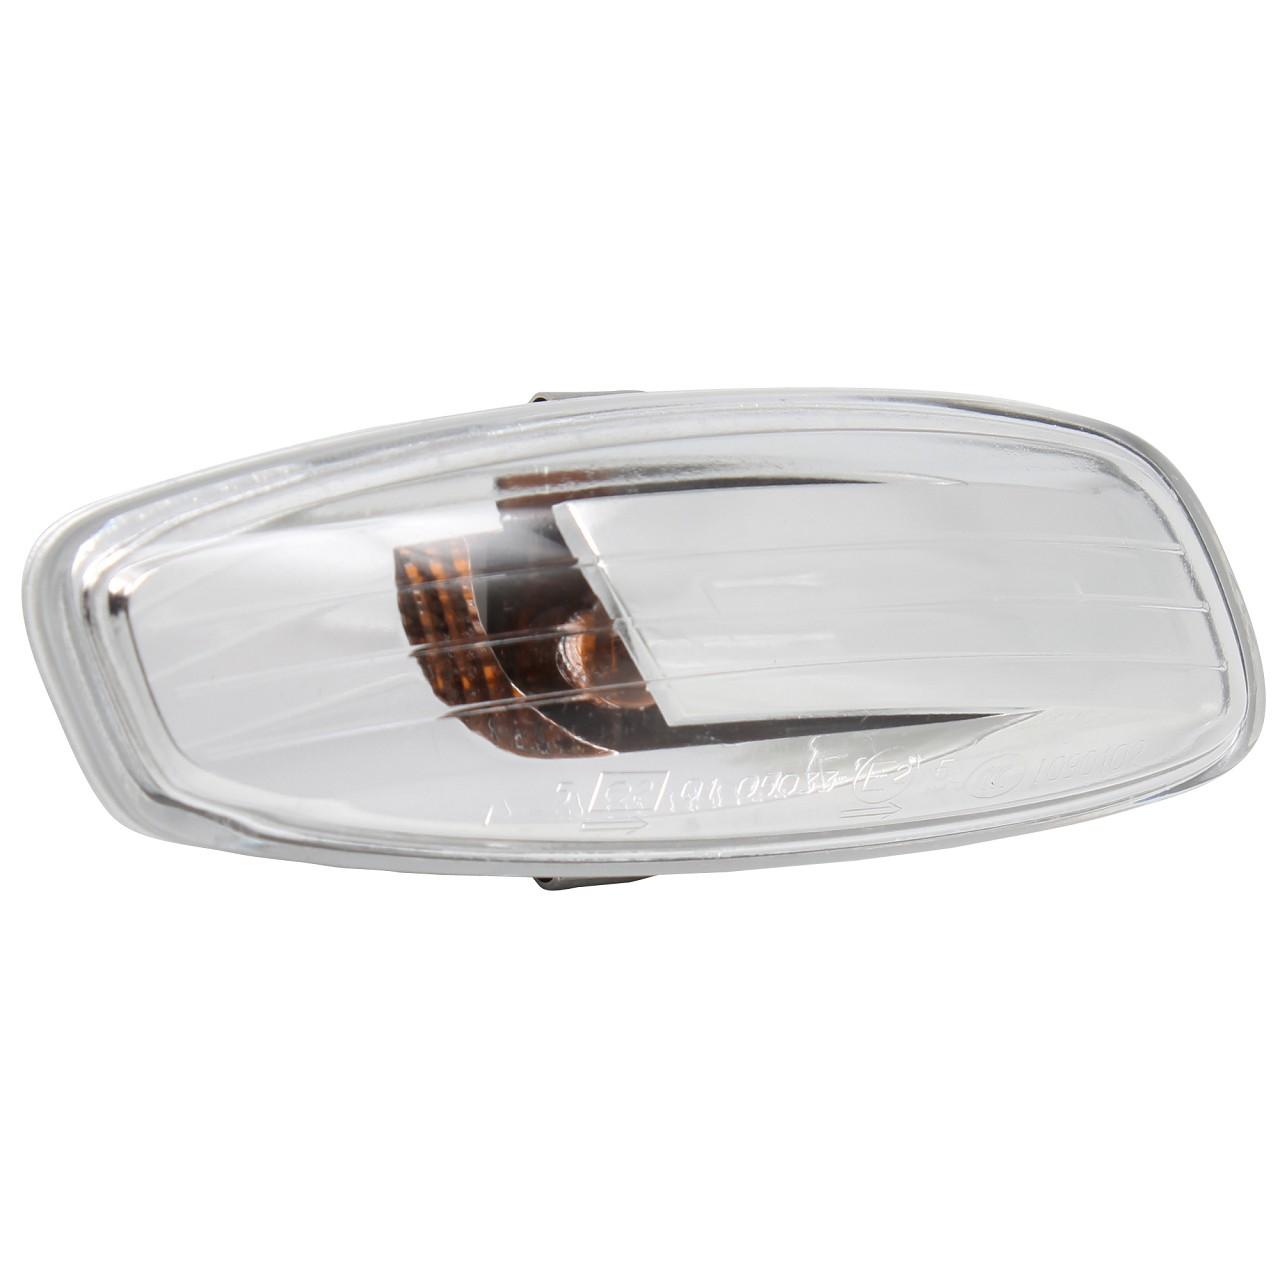 ORIGINAL Citroen Peugeot Blinkleuchte Blinker Seitenblinker rechts 6325.G6